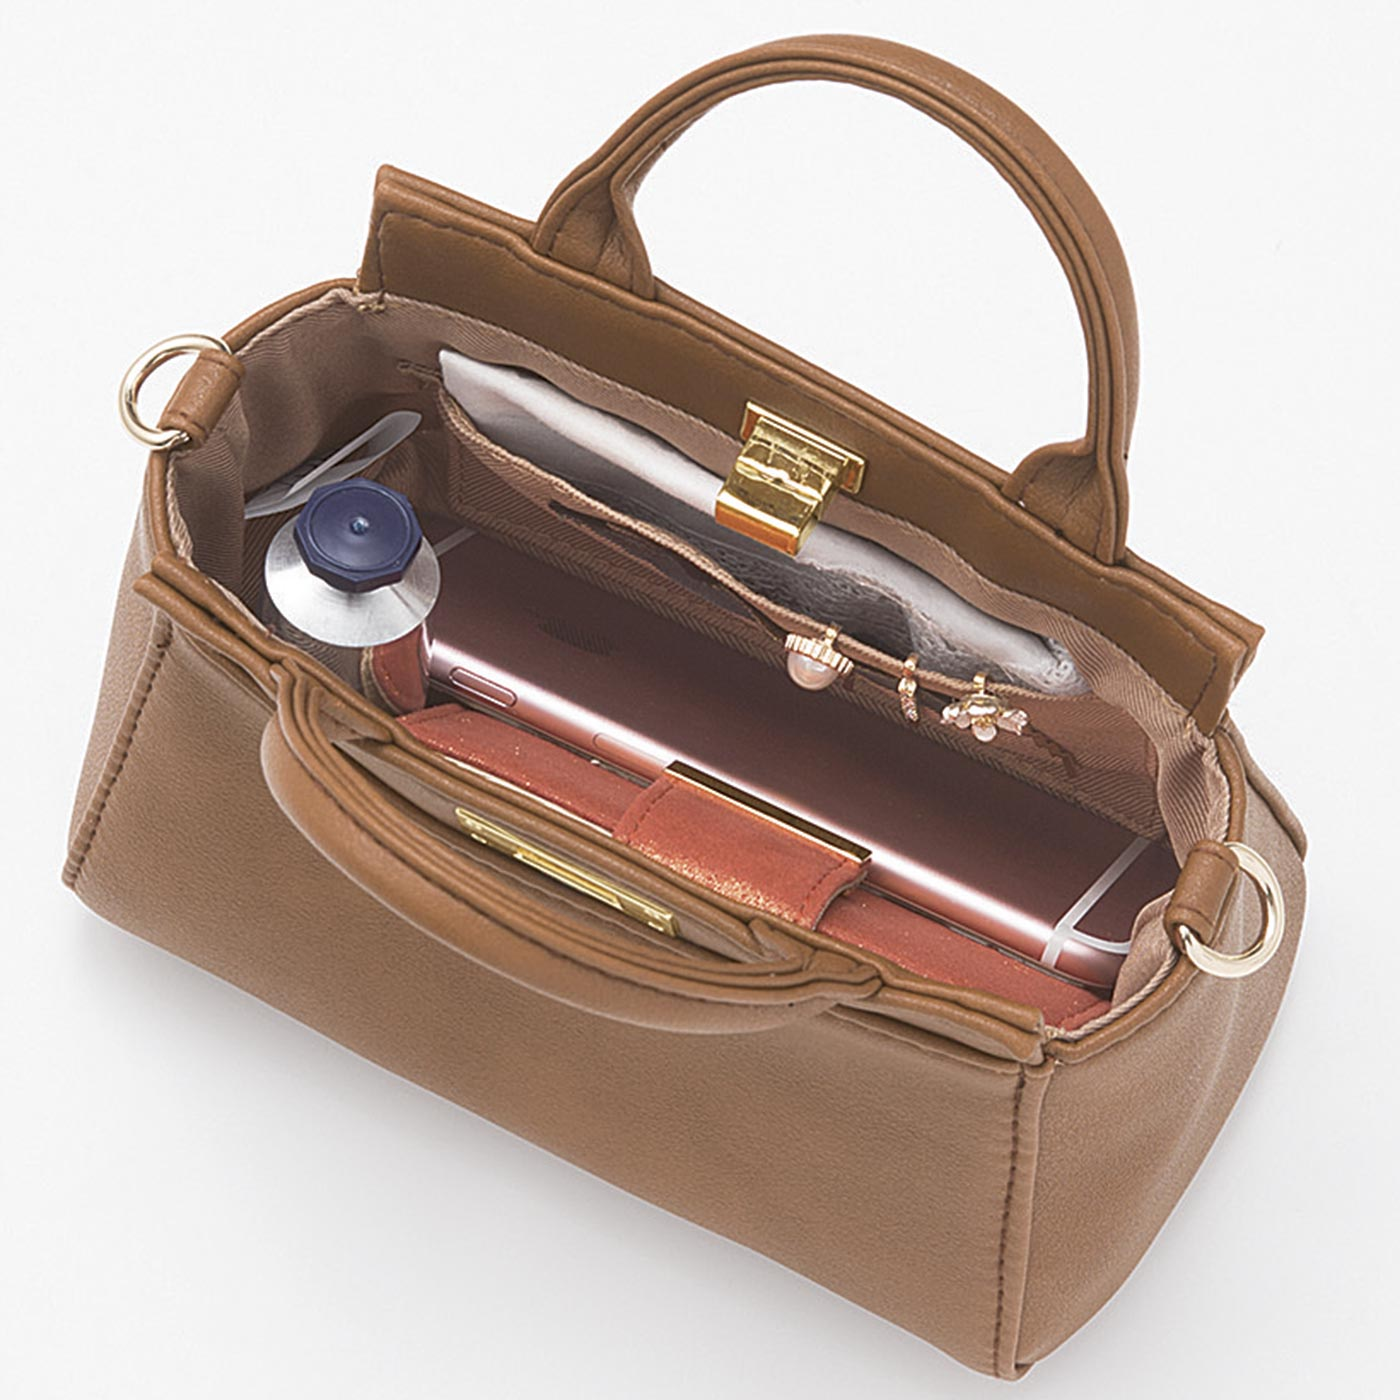 ミニ財布やスマートフォン、かぎ、ハンカチ&ティッシュ、リップなど、お出かけ必需品がすっぽり。オープンポケット1個付き。